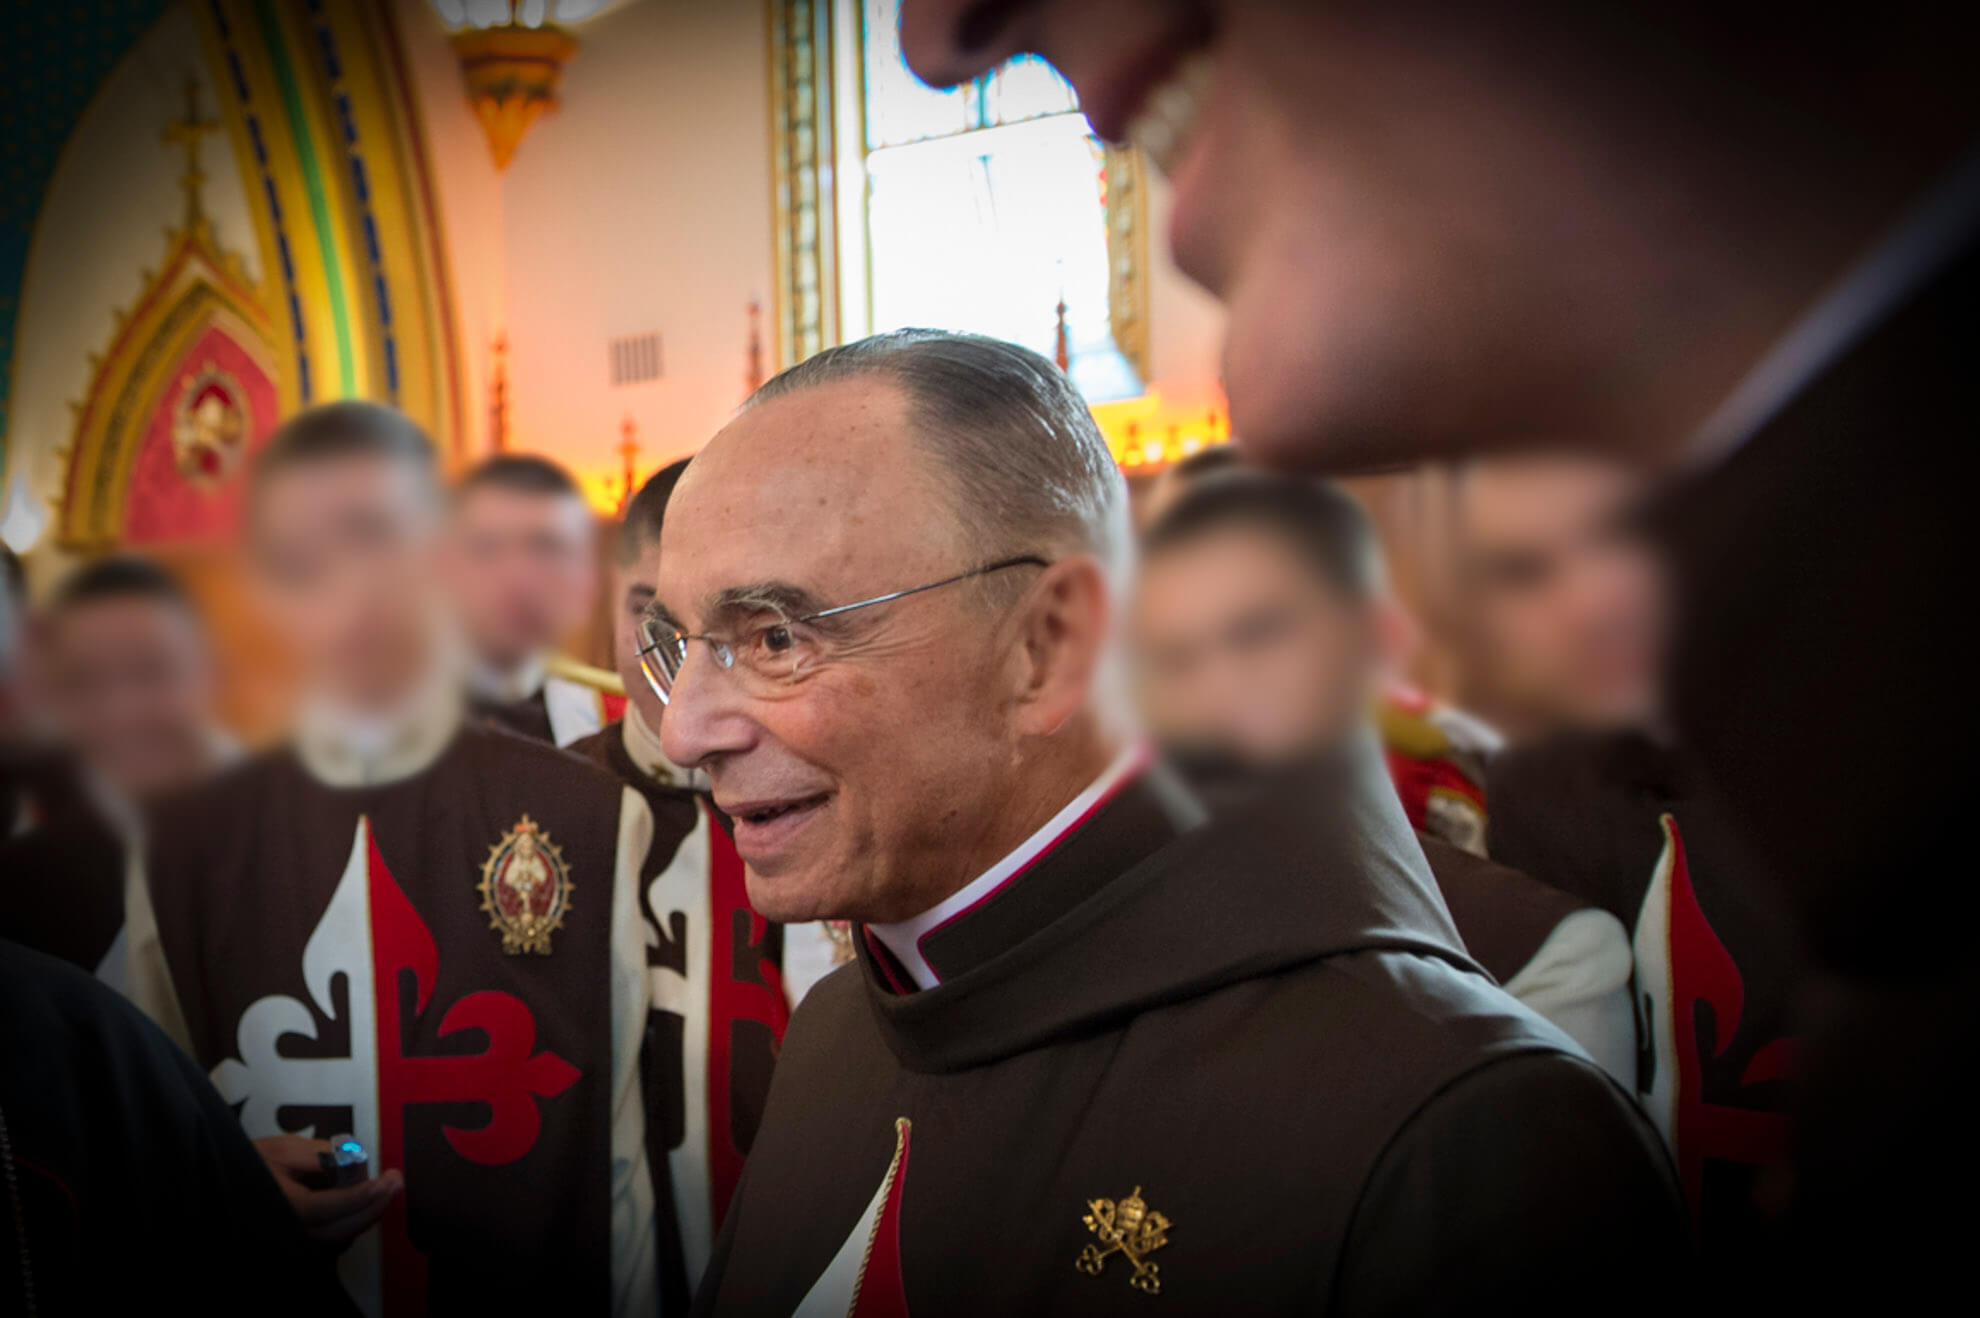 João Scognamiglio Clá Dias é o fundador dos Arautos do Evangelho